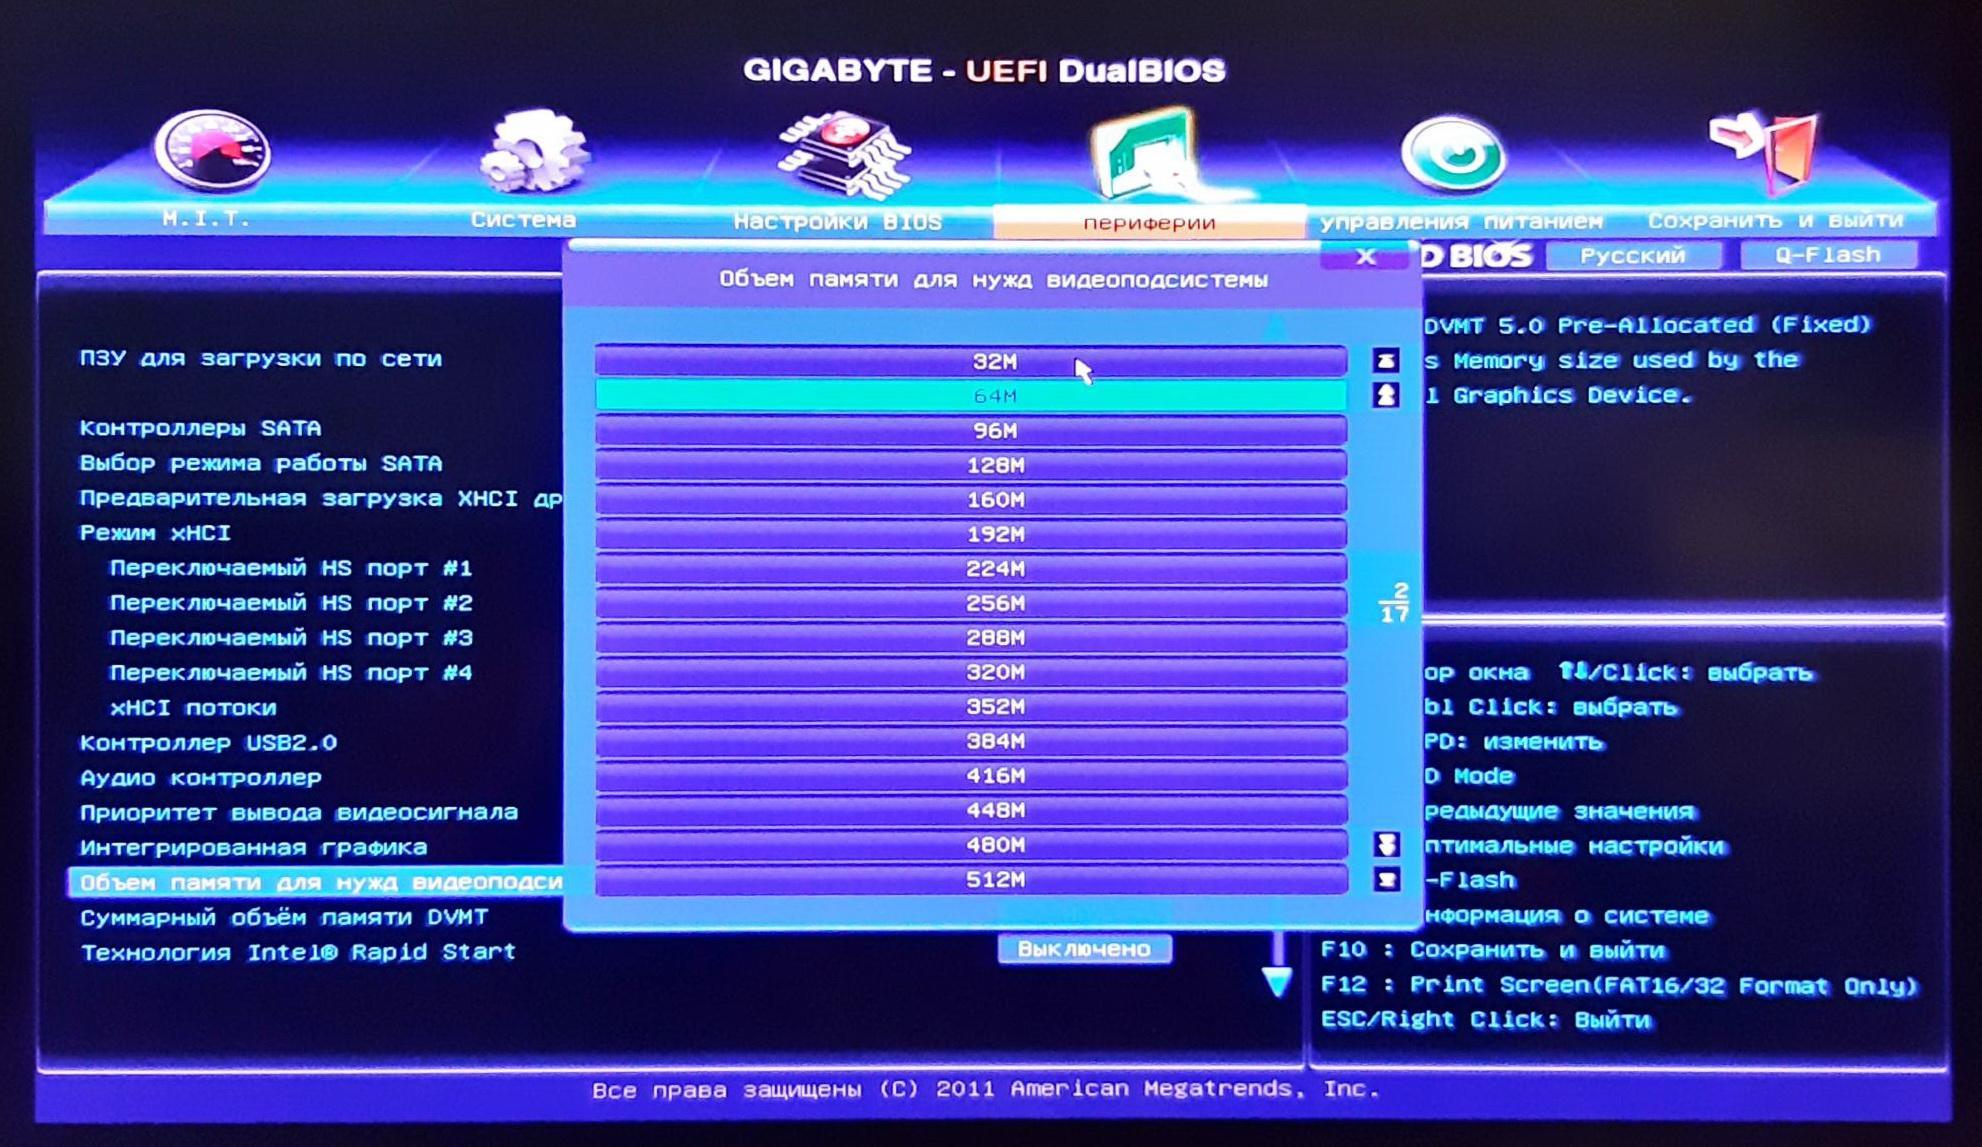 Объем памяти для нужд видеоподсистемы в UEFI